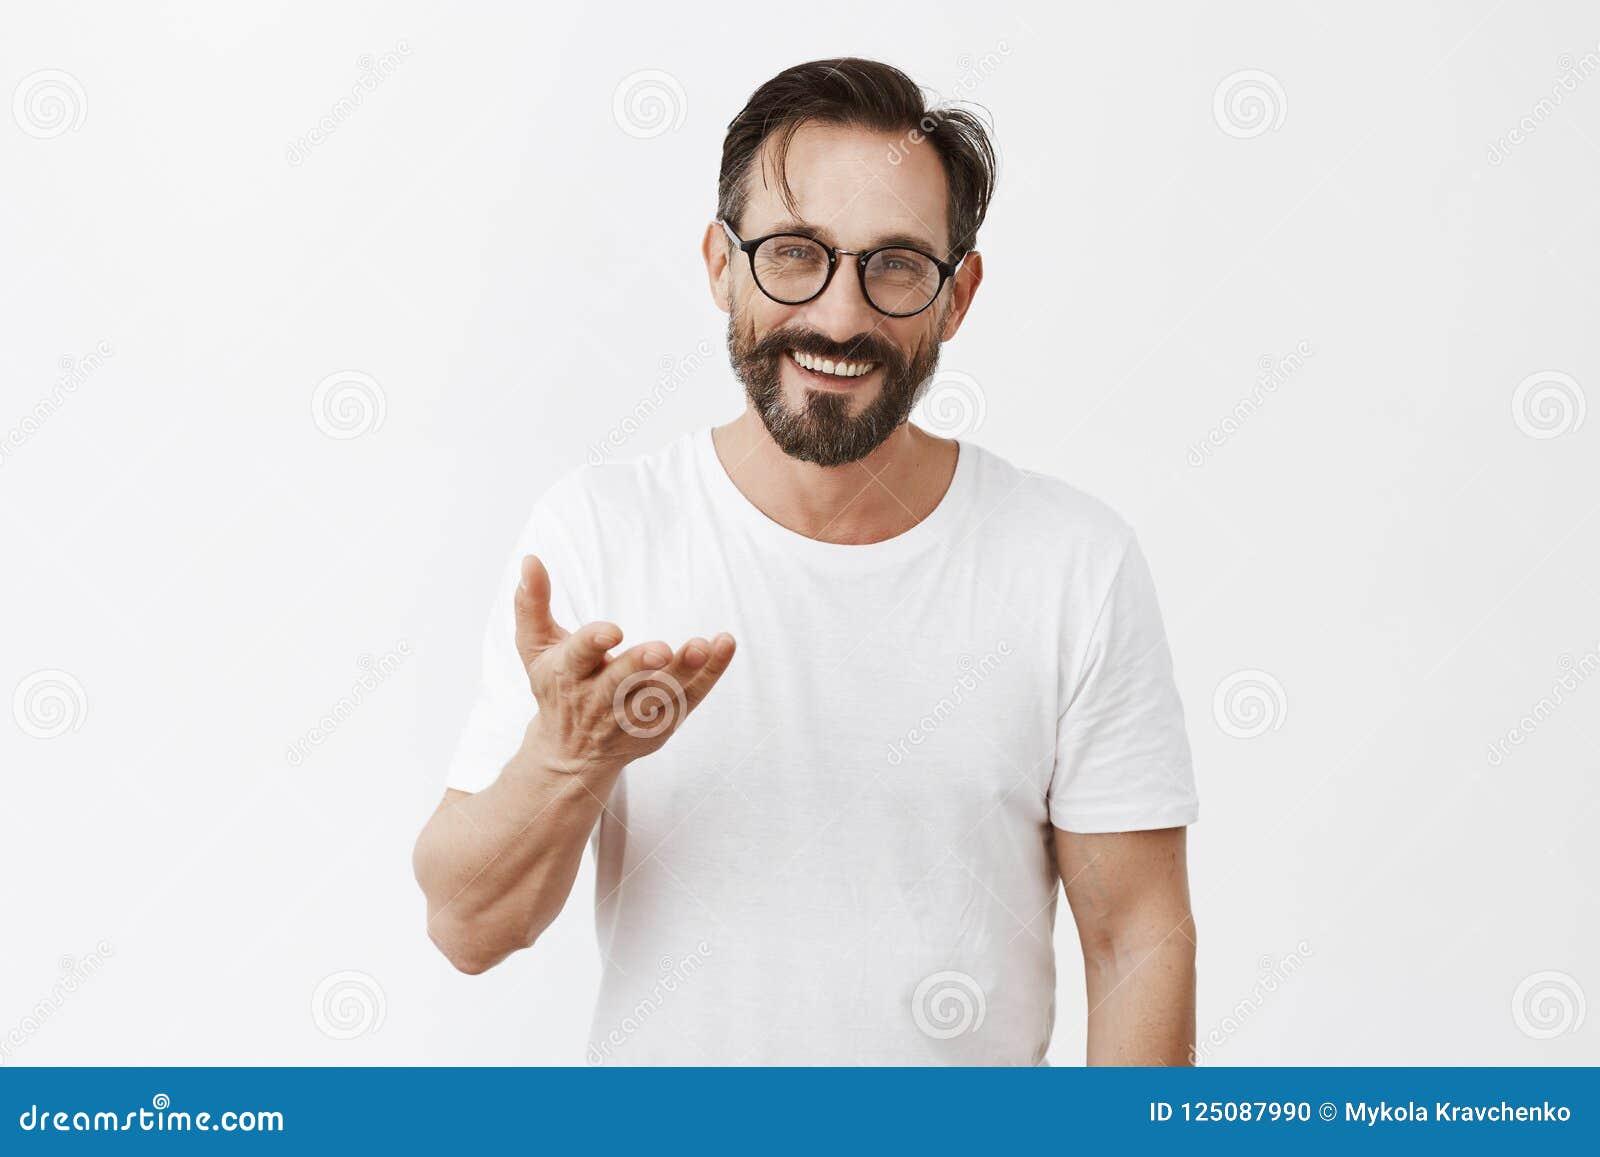 Ägna allt till dig Charmig tacksam europeisk man med skägget och stilfull frisyr i exponeringsglas som pekar med